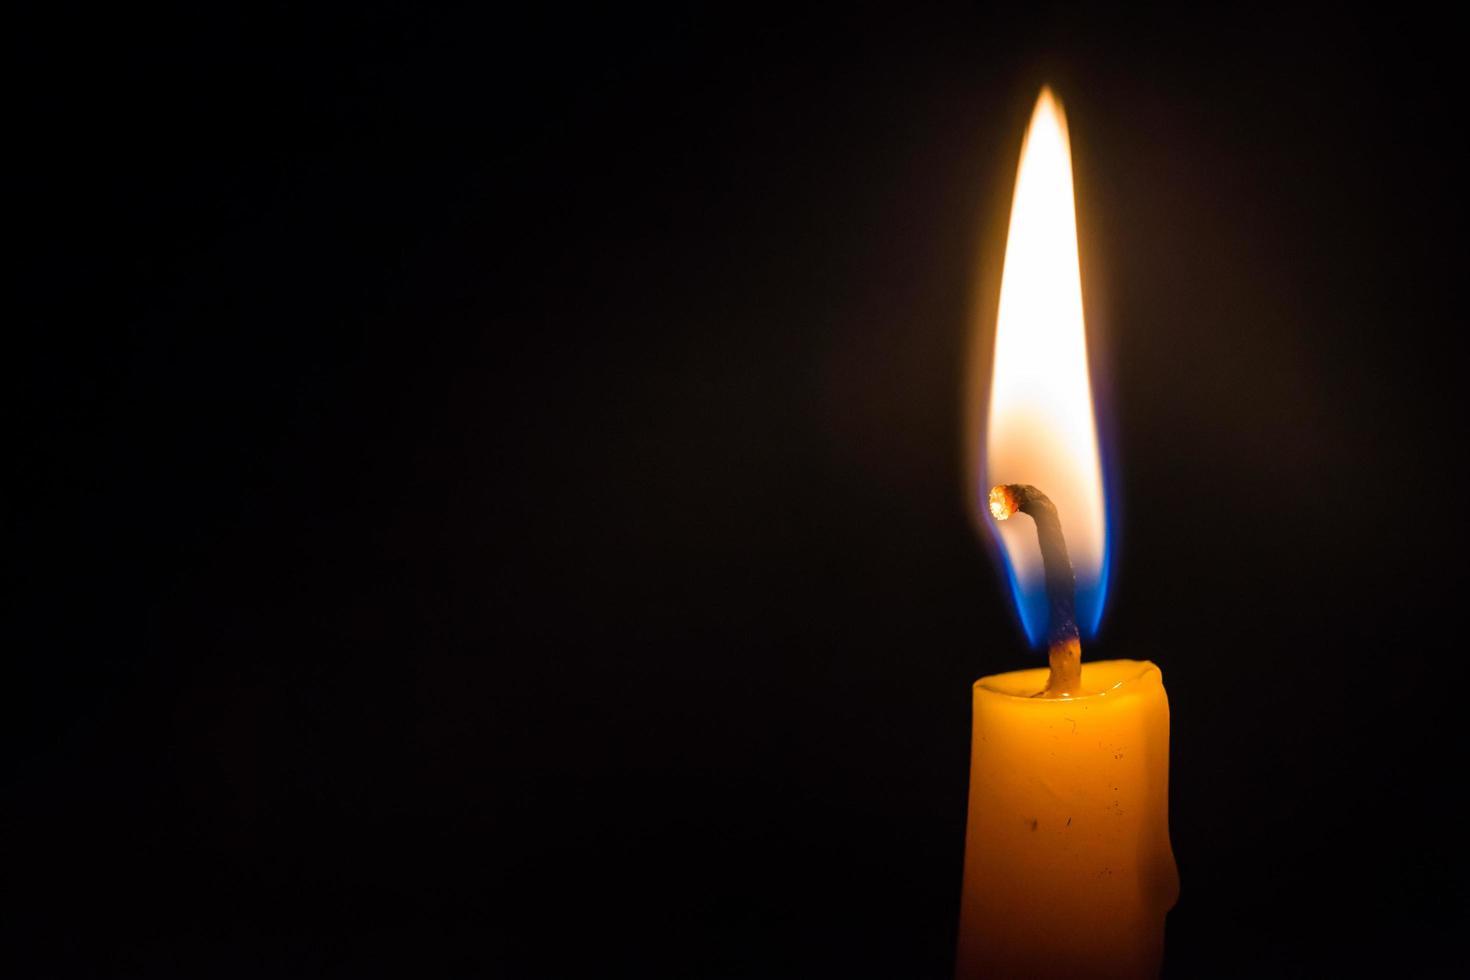 närbild ljus som brinner starkt i den svarta bakgrunden. foto